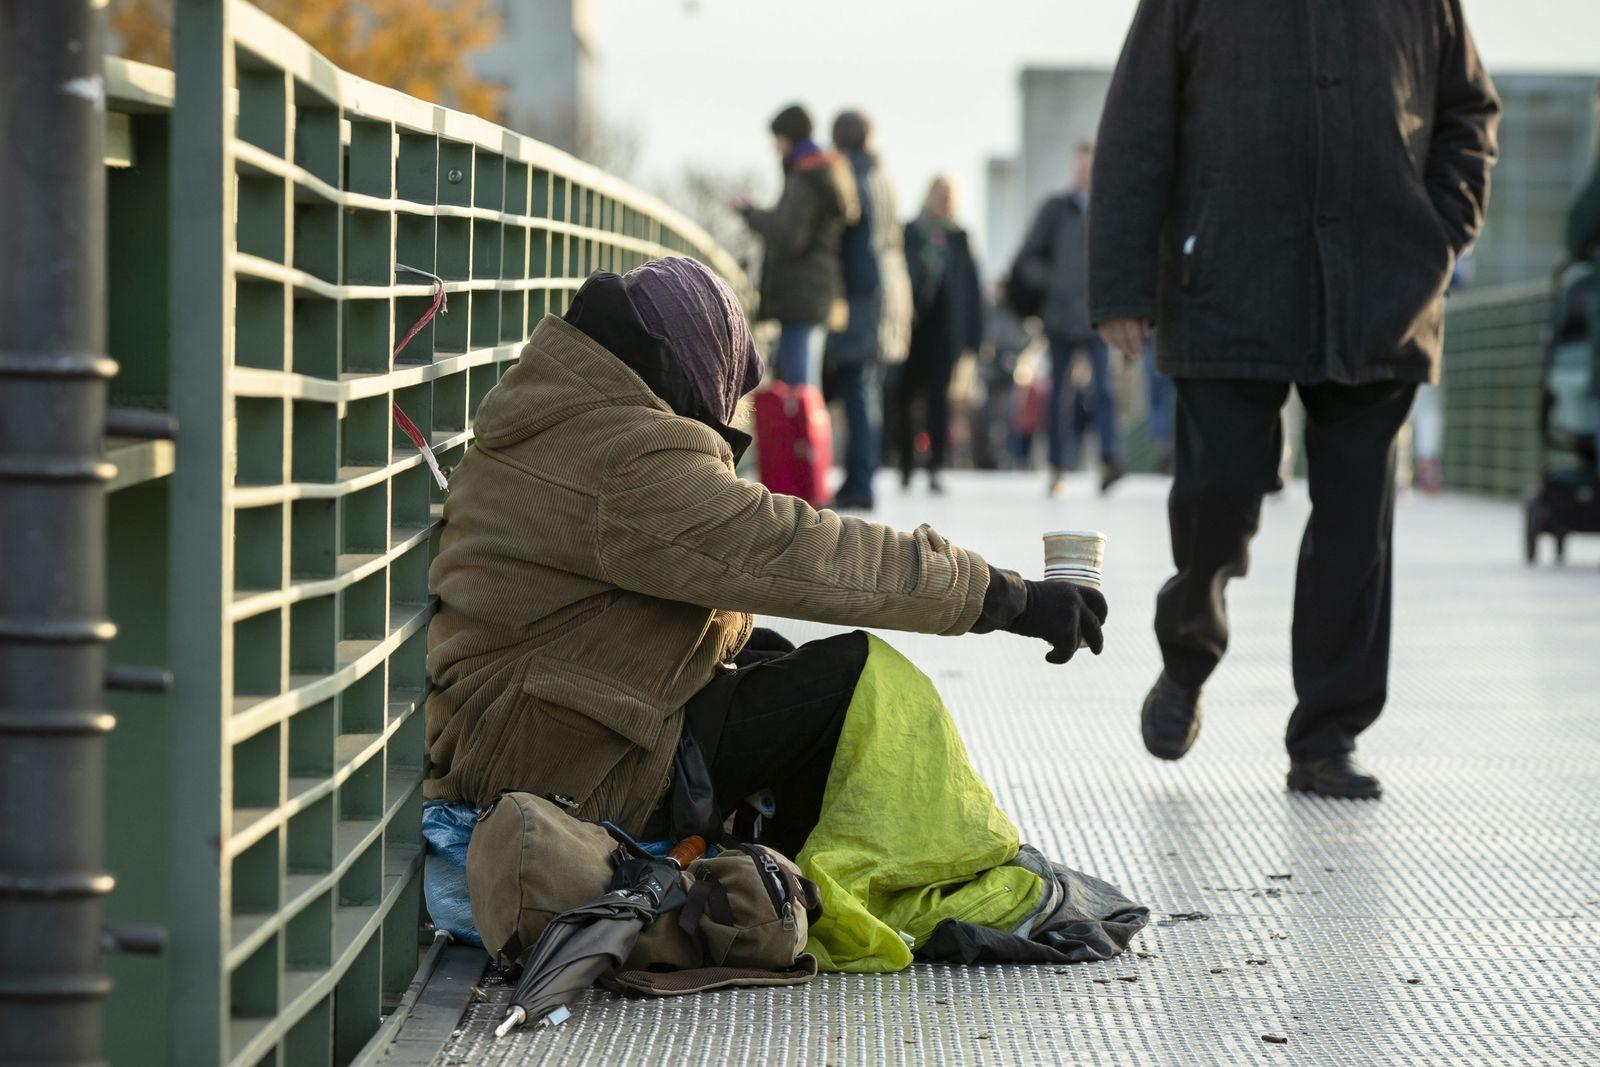 Poverty in Berlin